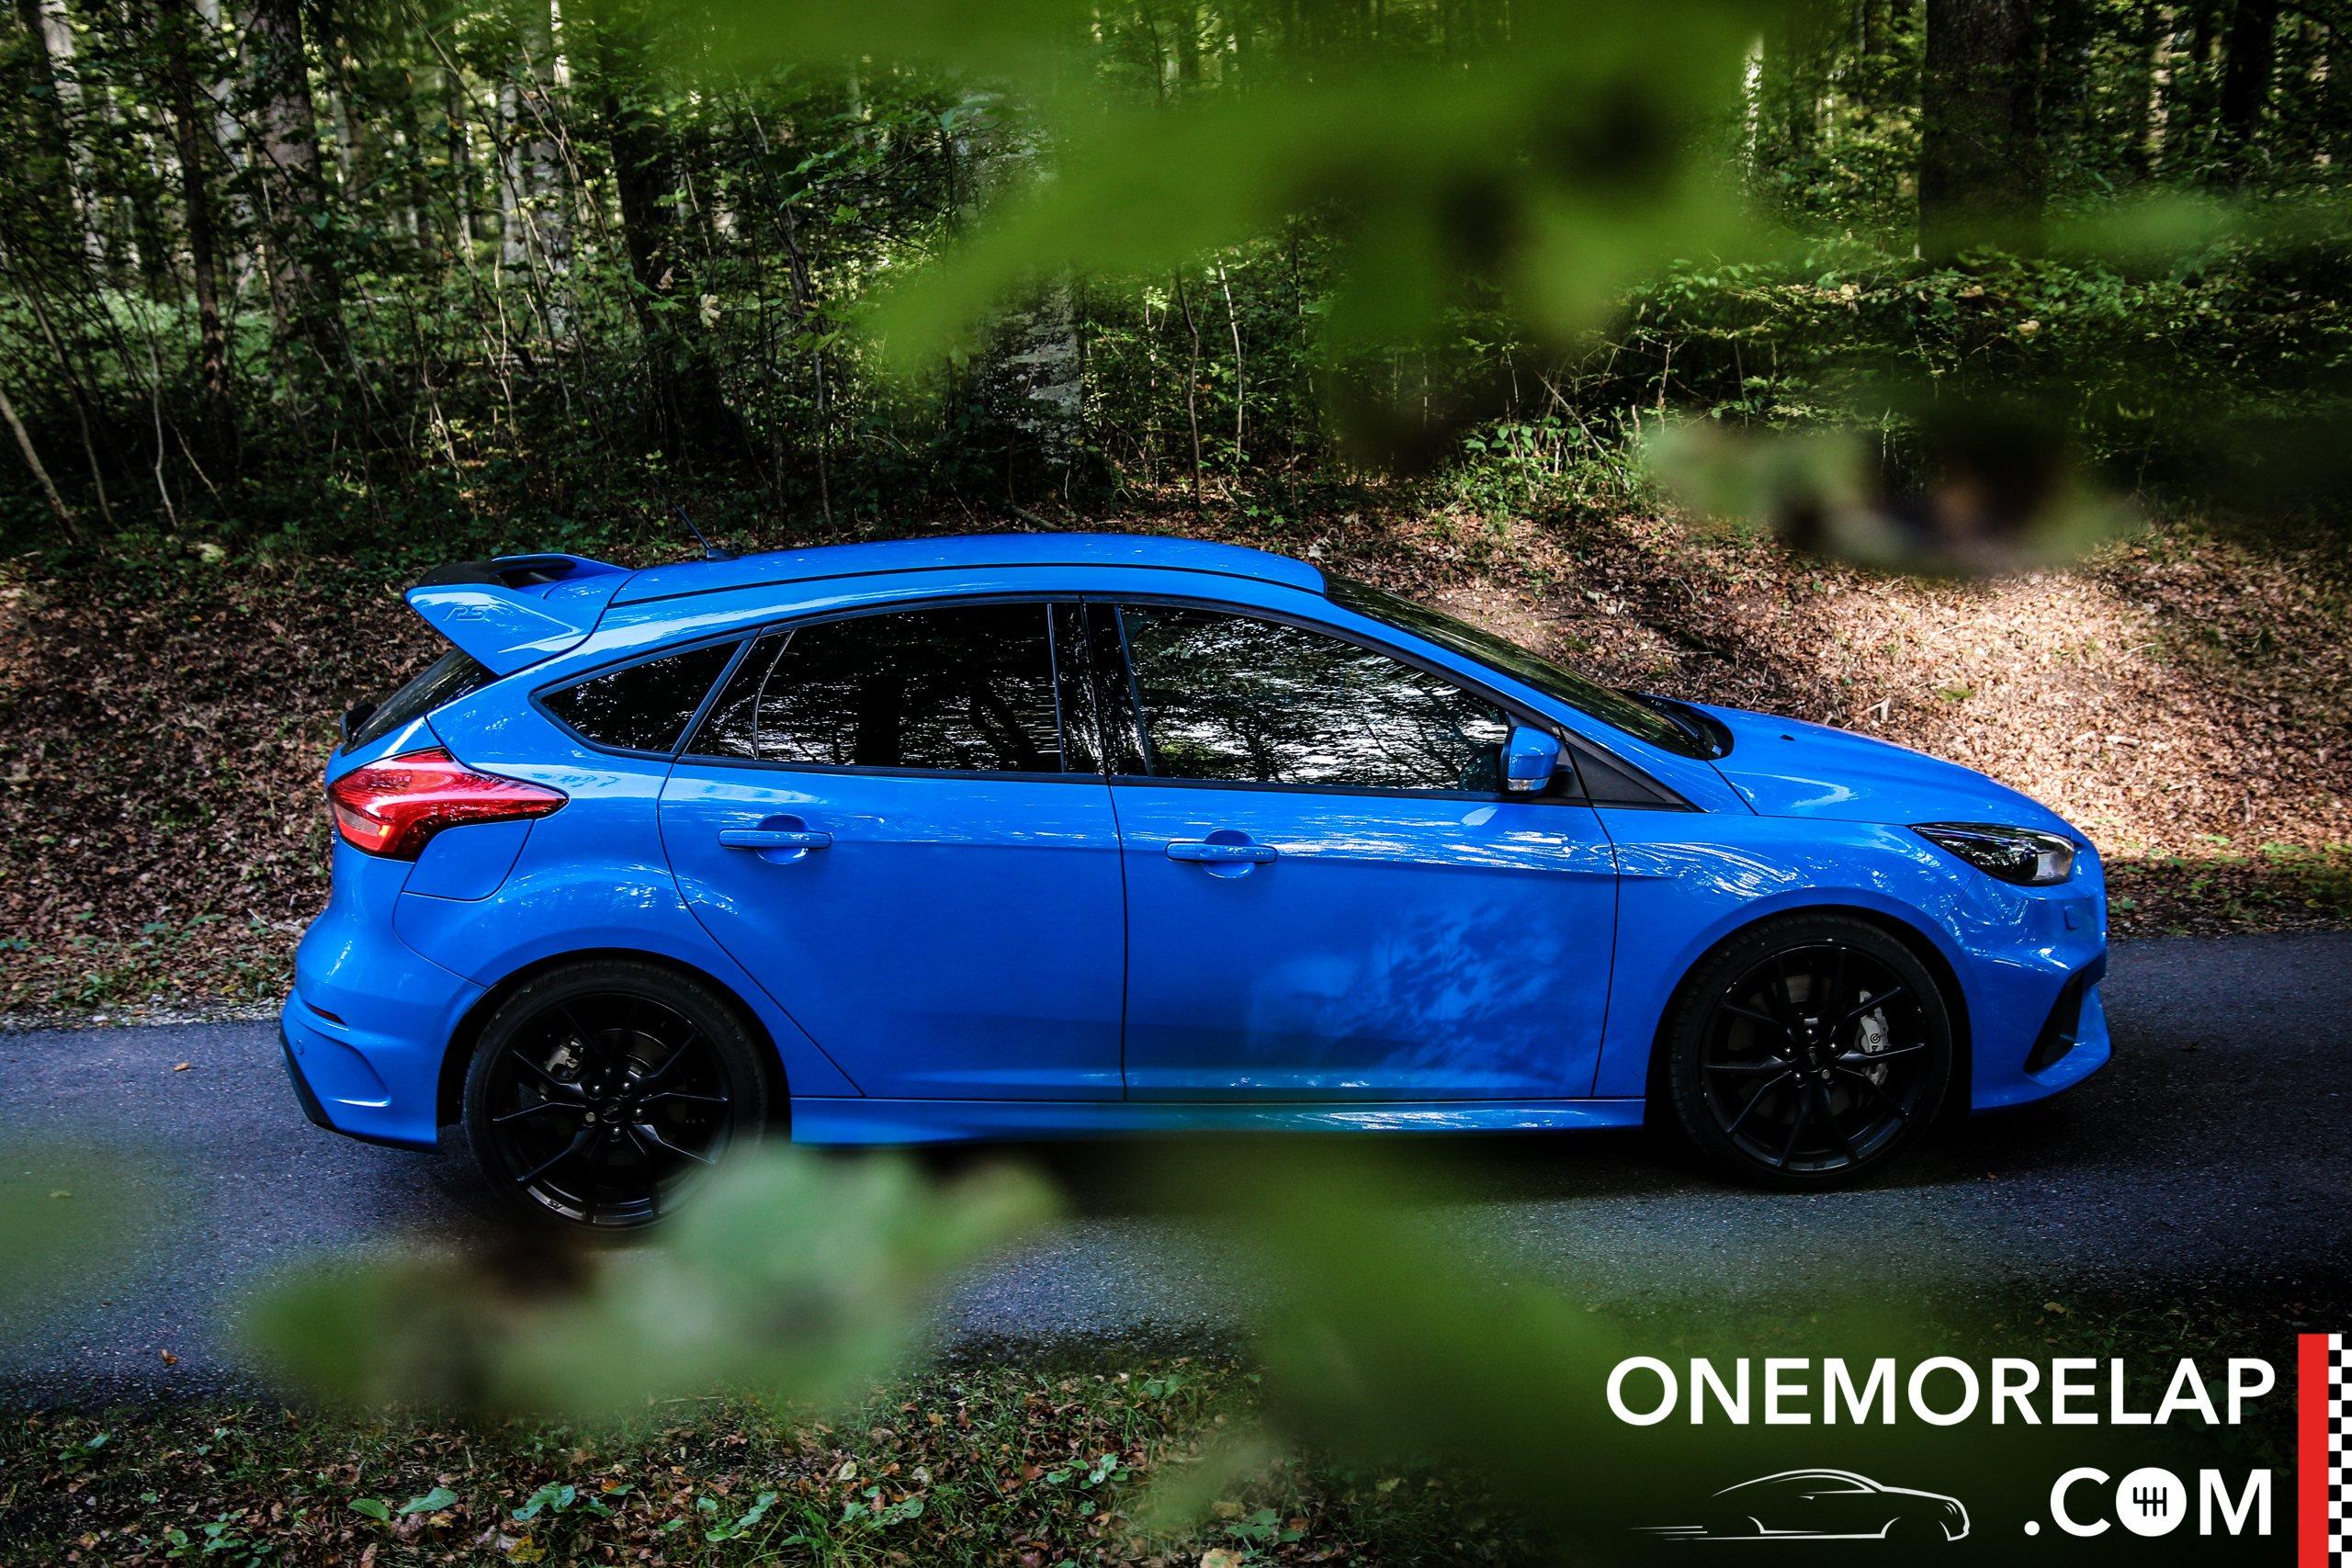 Ford Focus RS 2016: Fahrbericht, Sound, Onboard, Drift, Test, Deutsch, Auspuff